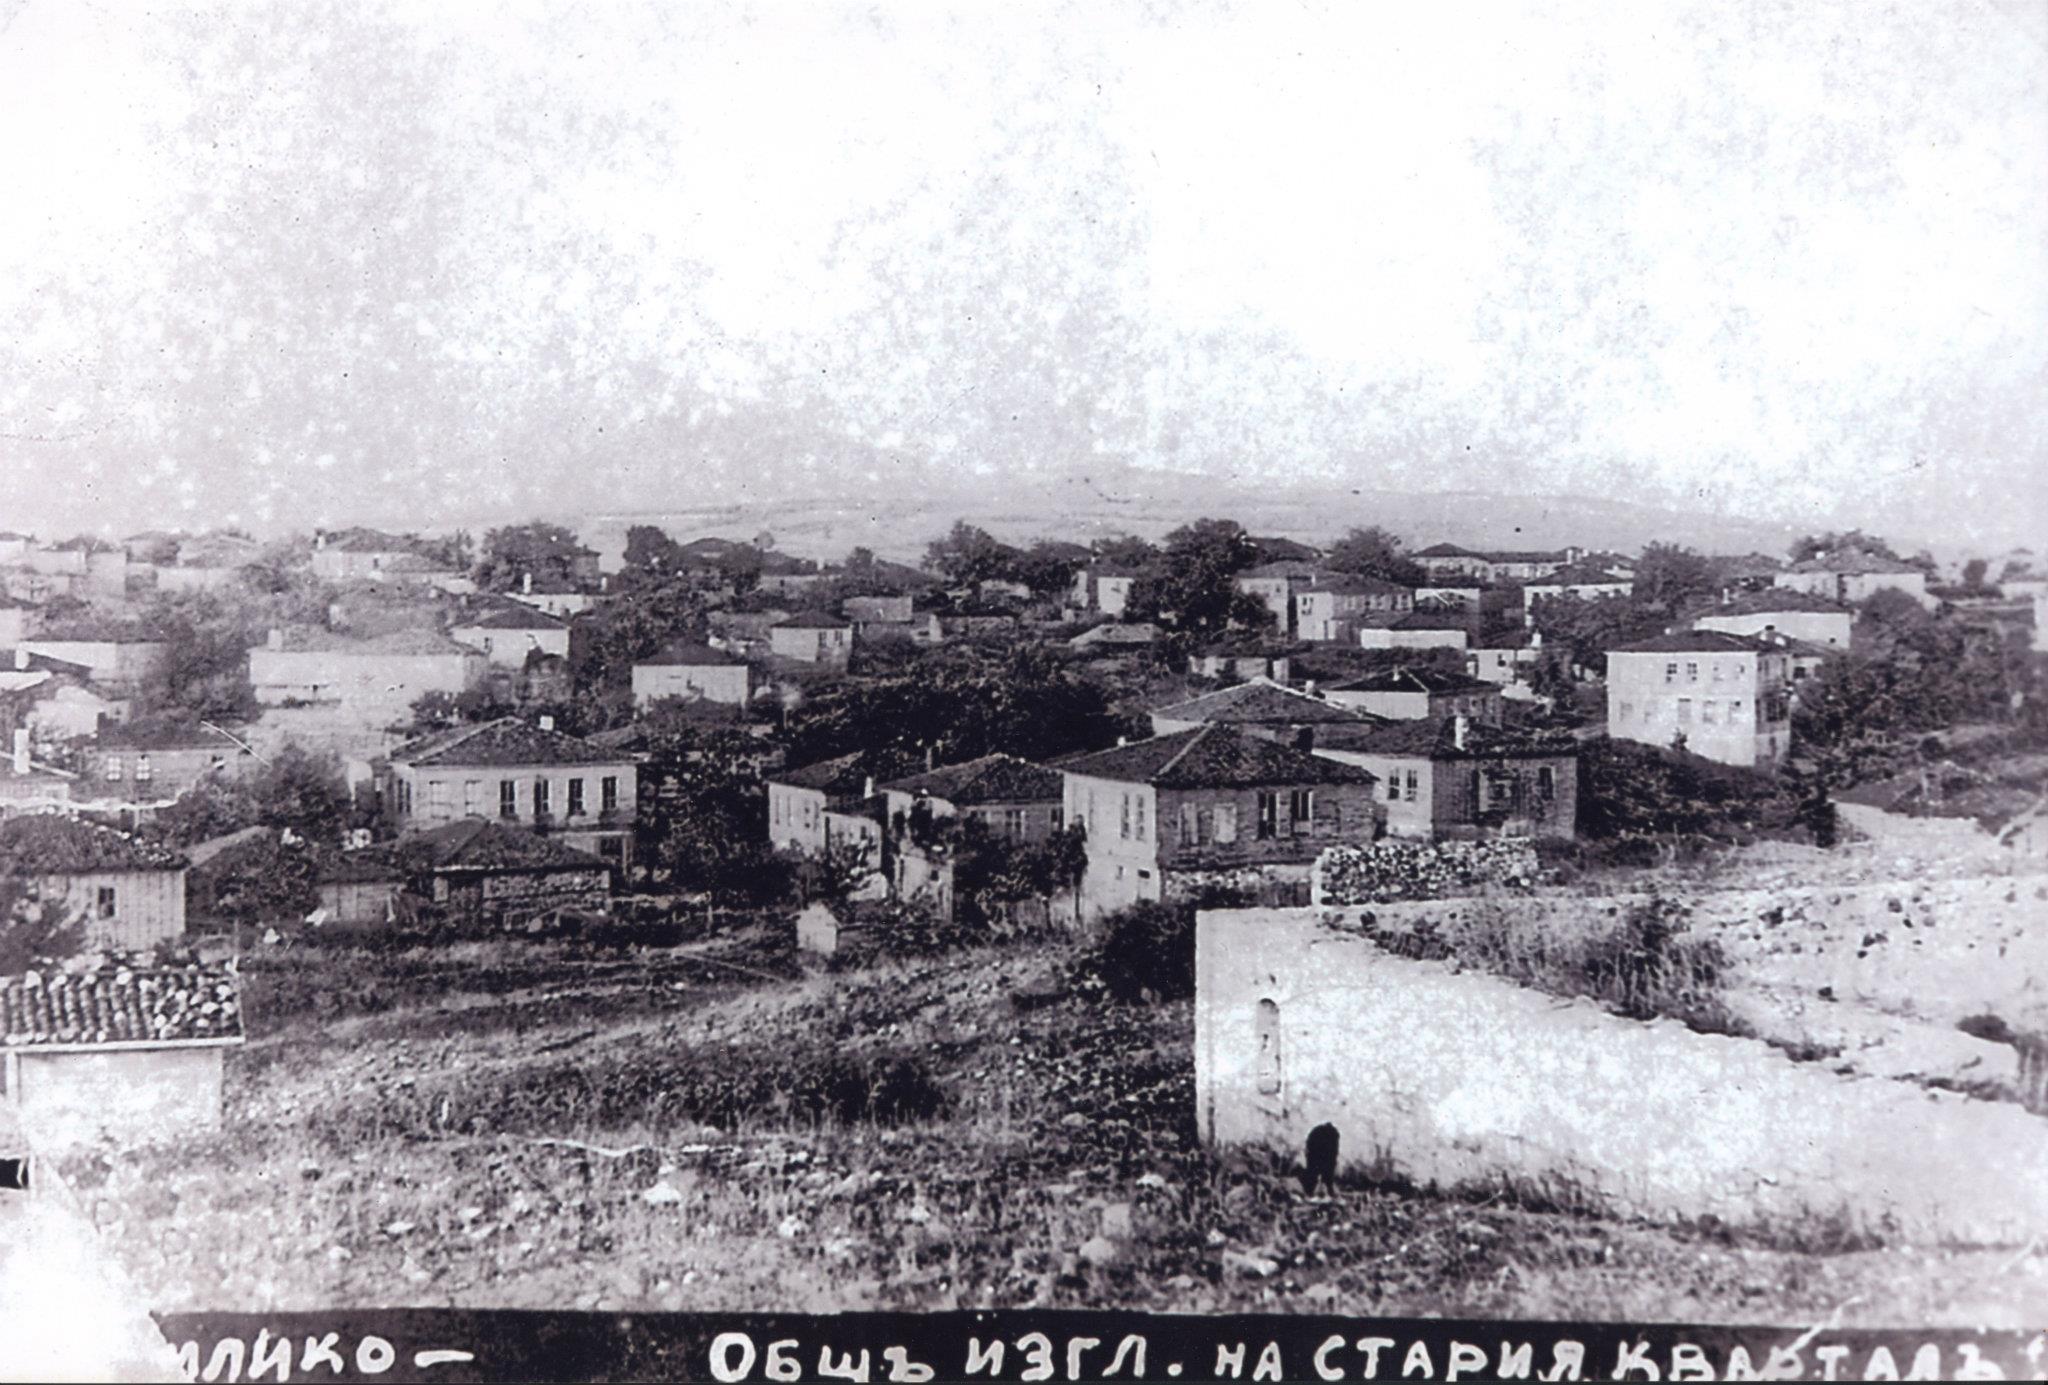 Преображенското въстание в Странджа през погледа на Димитър Стамболиев